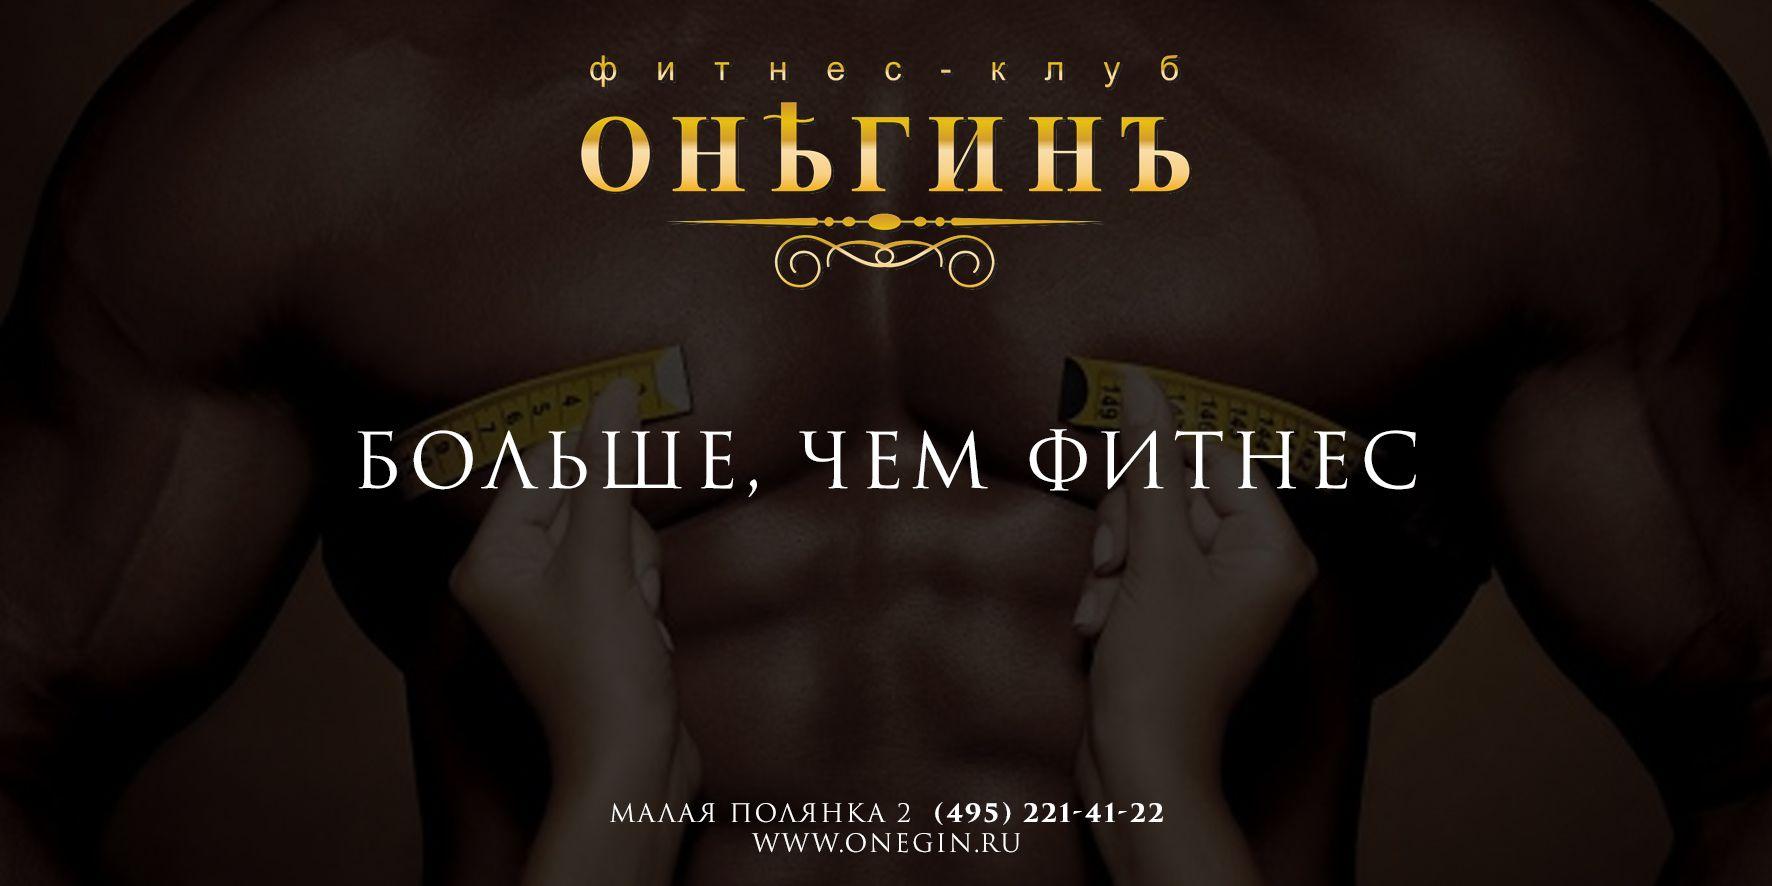 Рекламный баннер - продвижение фитнес-клуба  - дизайнер Artyomabramov